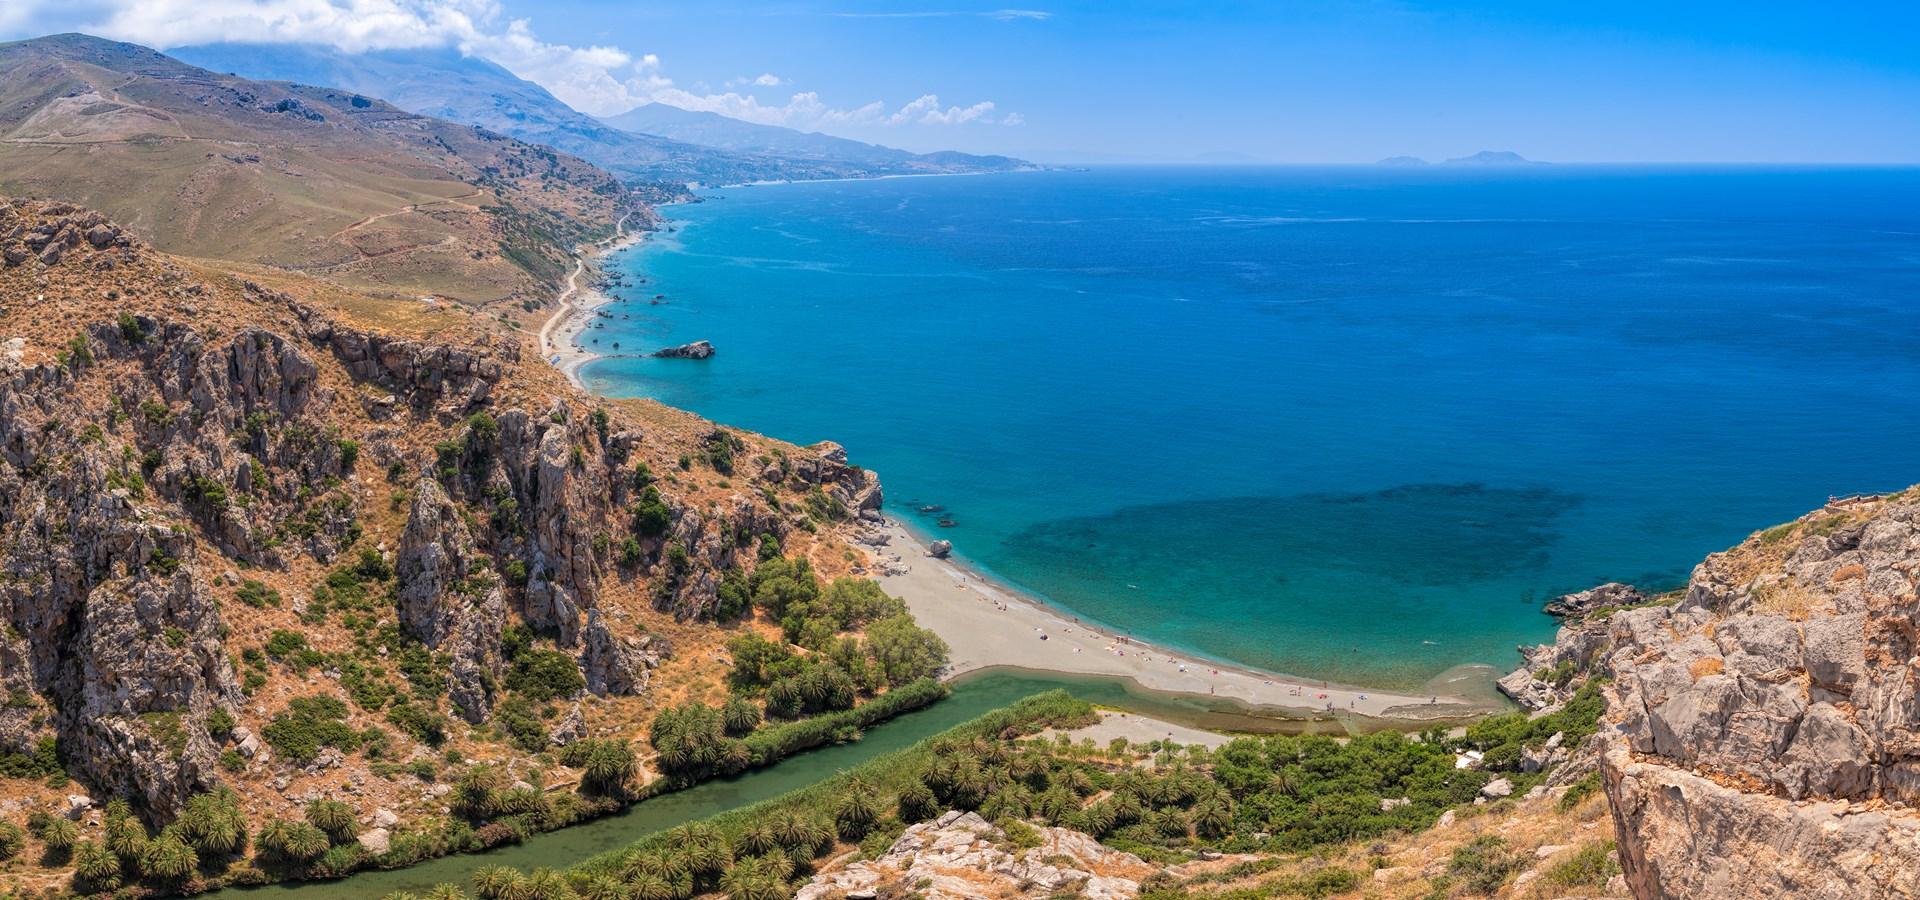 Best Beaches in Rethymno